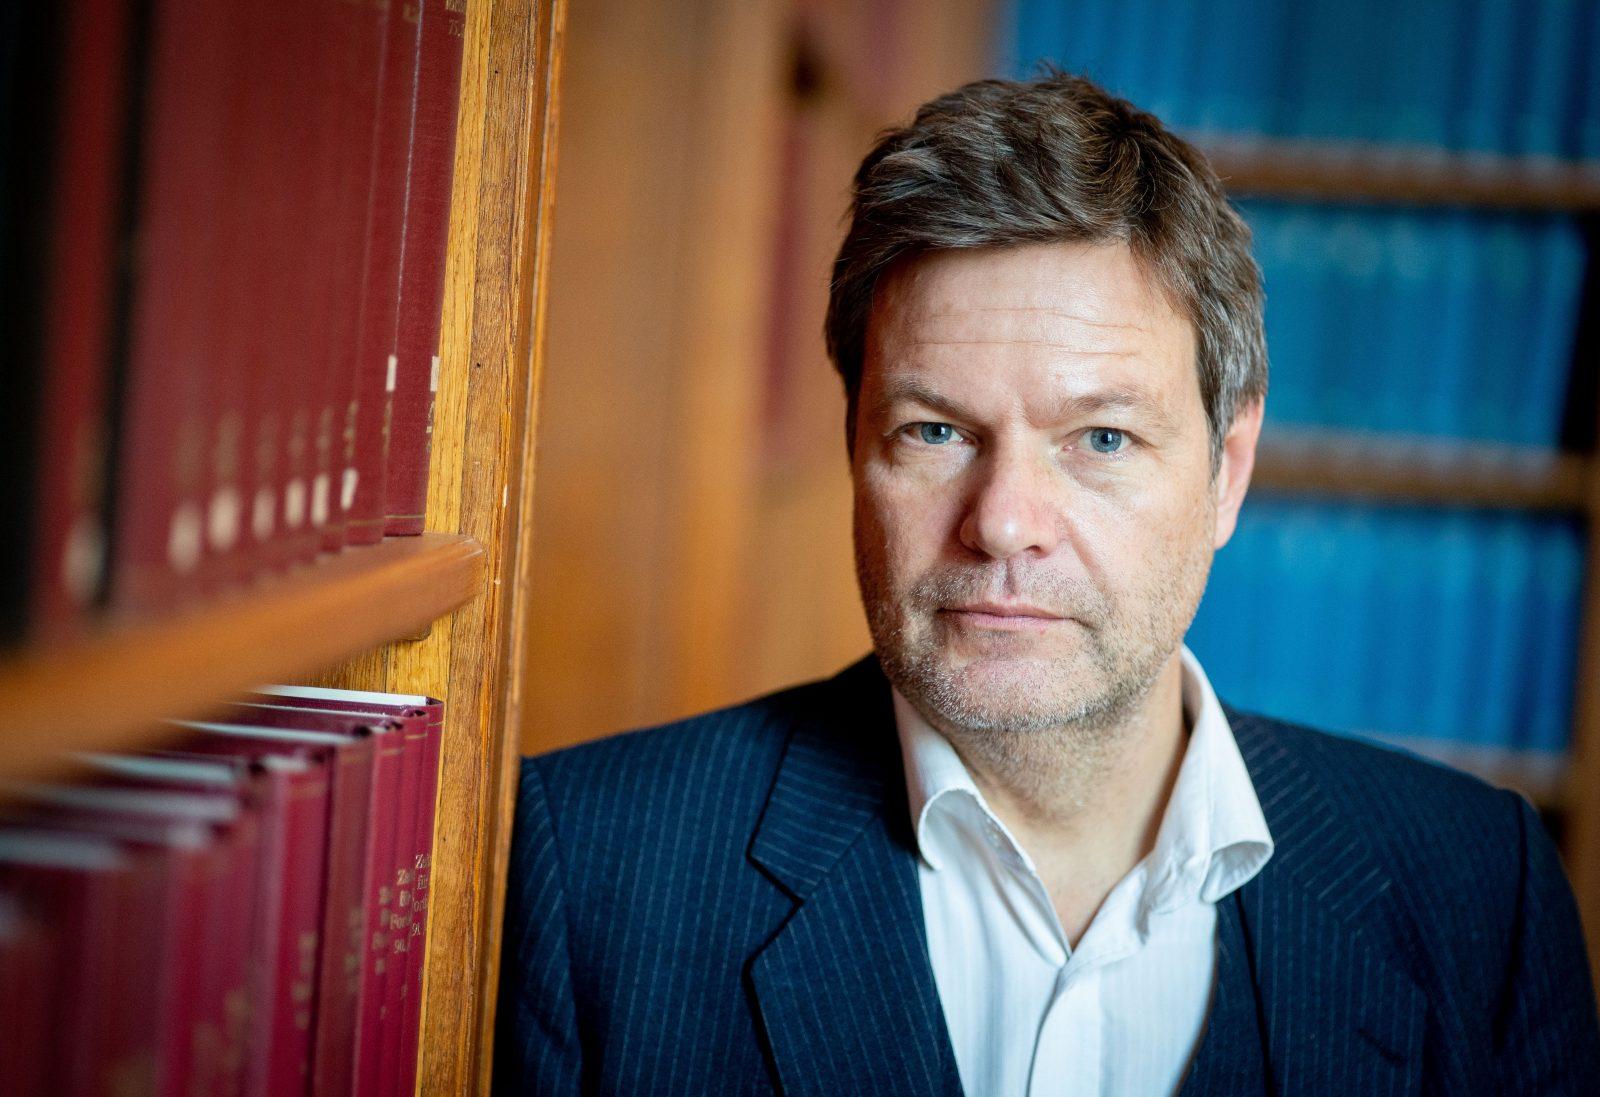 Grünen-Chef Robert Habeck: Gegen Fokussierung auf Identitätspolitik